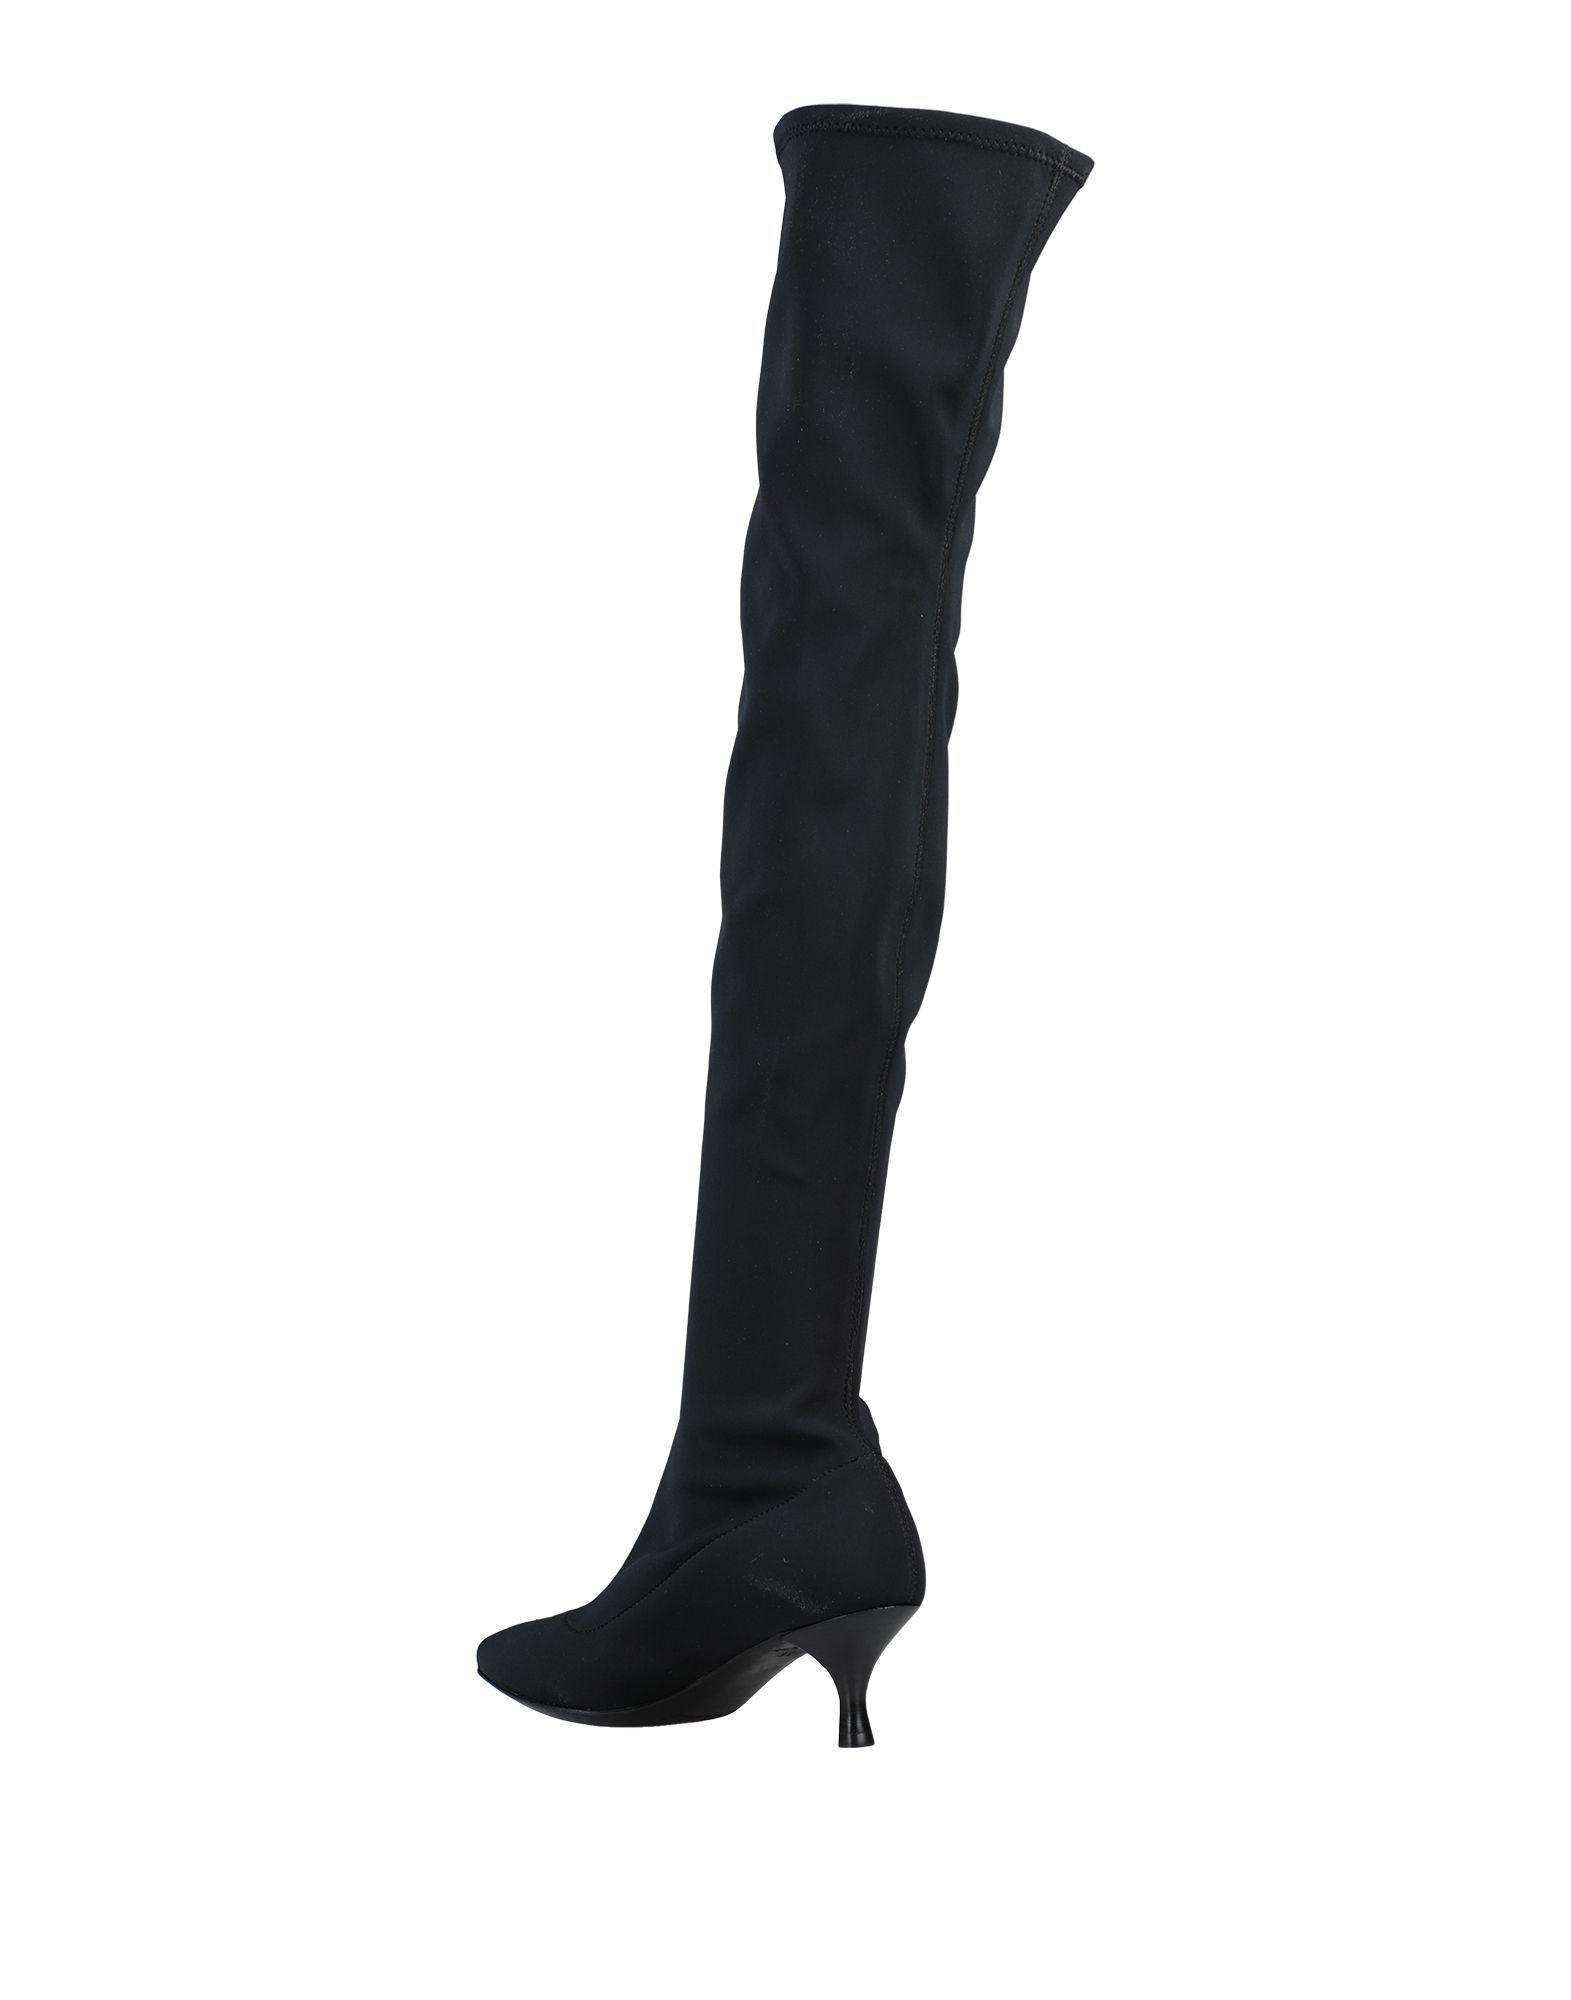 Emanuela Passeri Women's Boots Textile Fibres